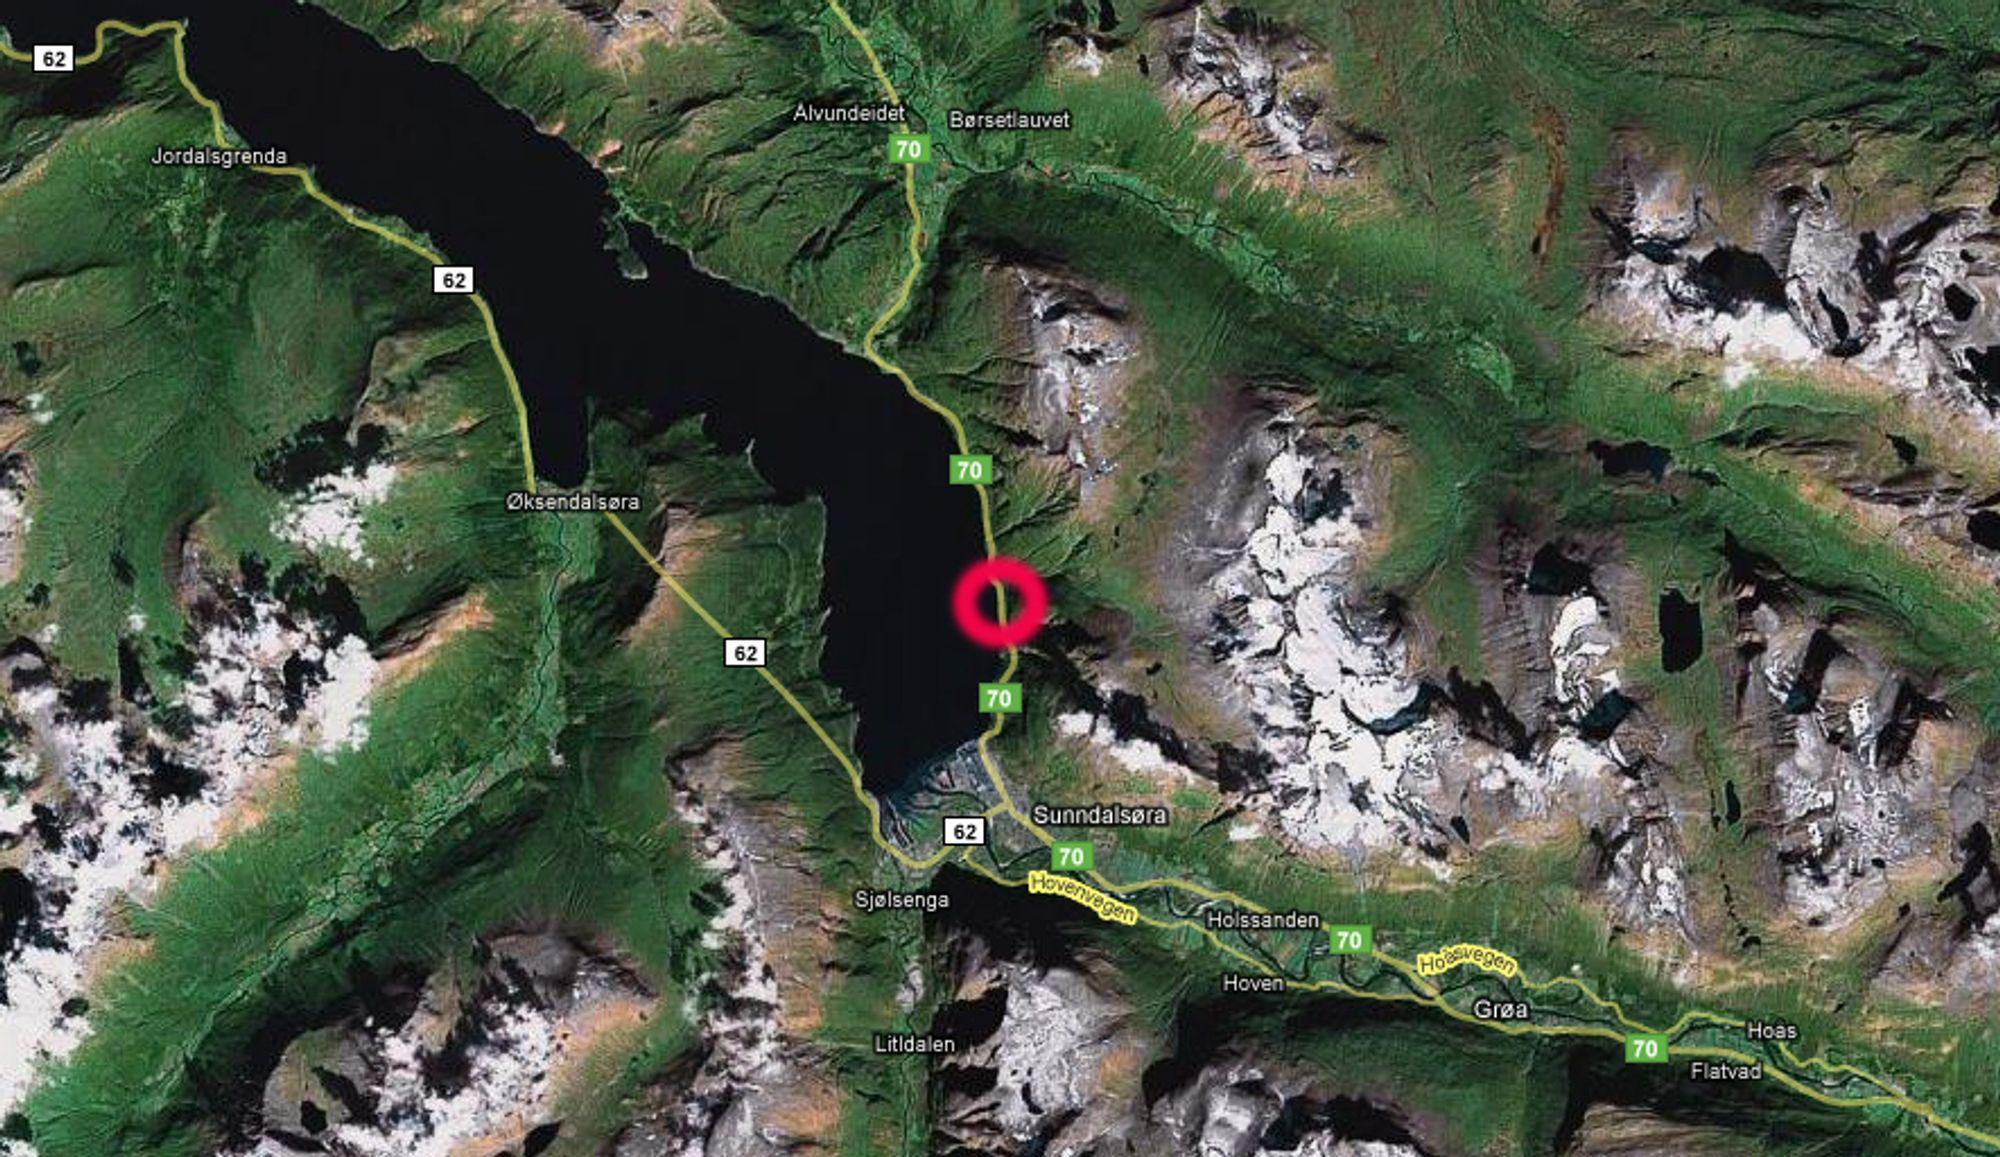 Her mellom Midtbekktunnelen og Trettøytunnelen nord for Sunndalsøra gikk raset søndag kveld.